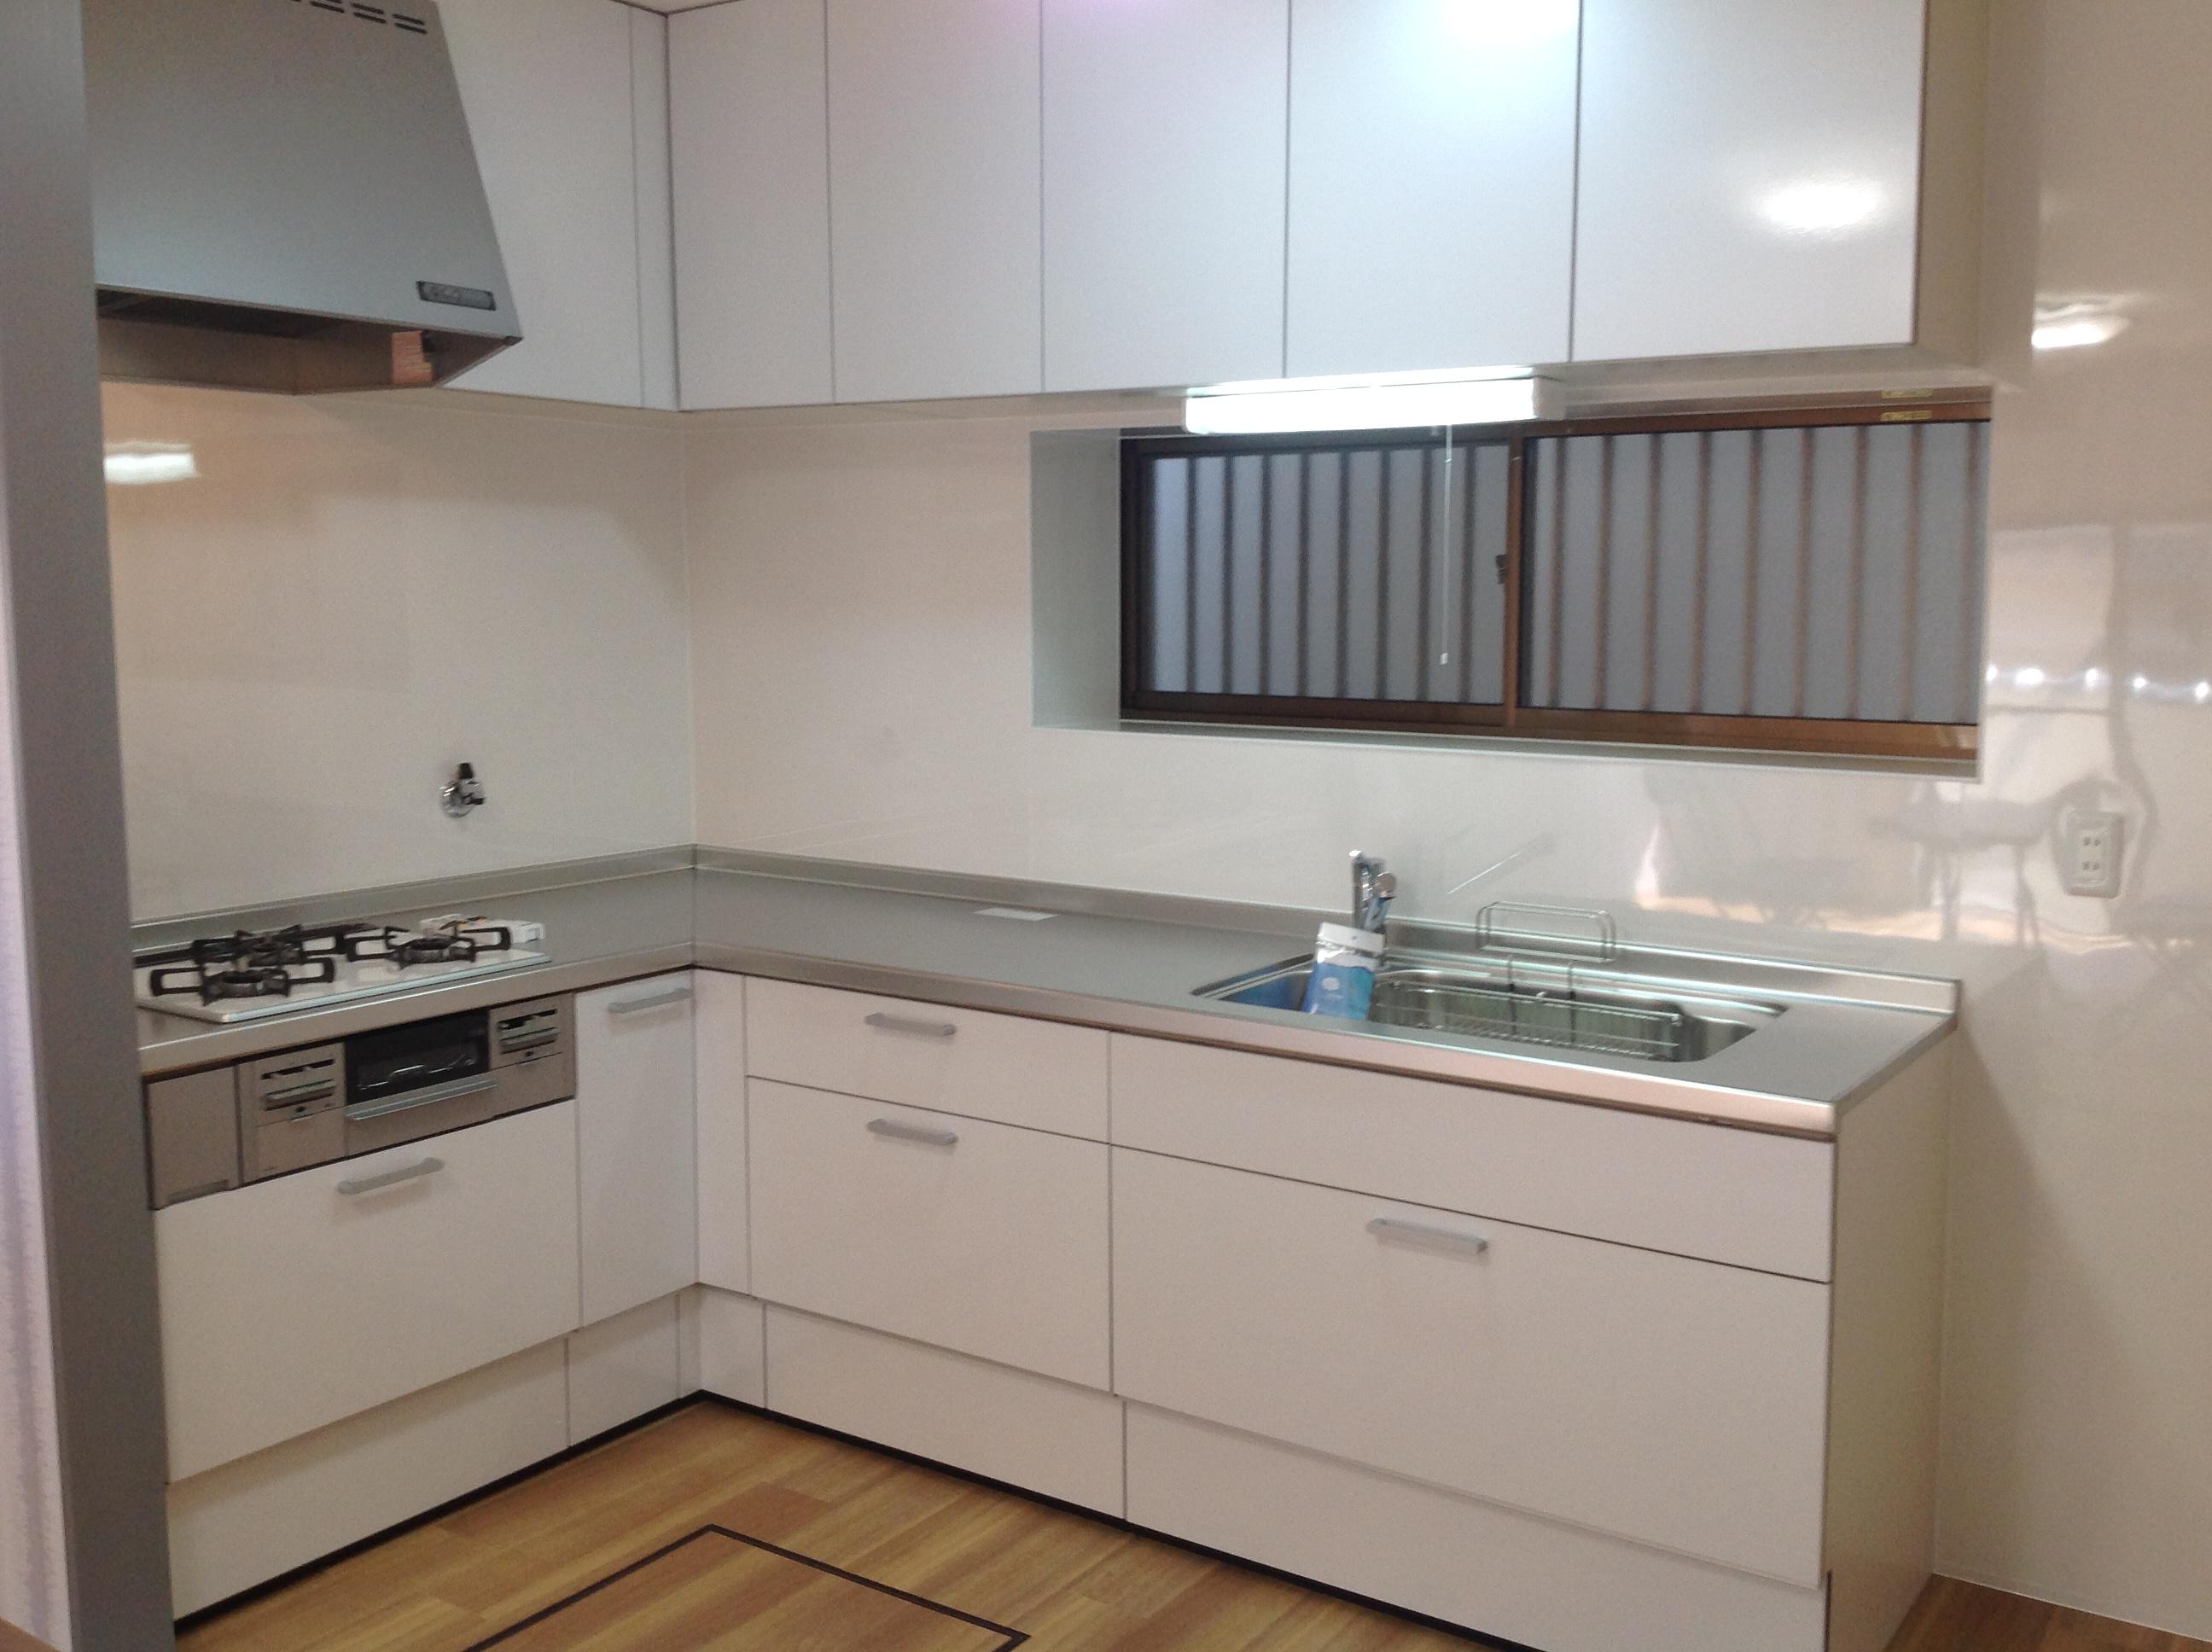 システムキッチン新調等素敵に改装しました。東南角地の明るいおうち。お気軽にご覧ください。